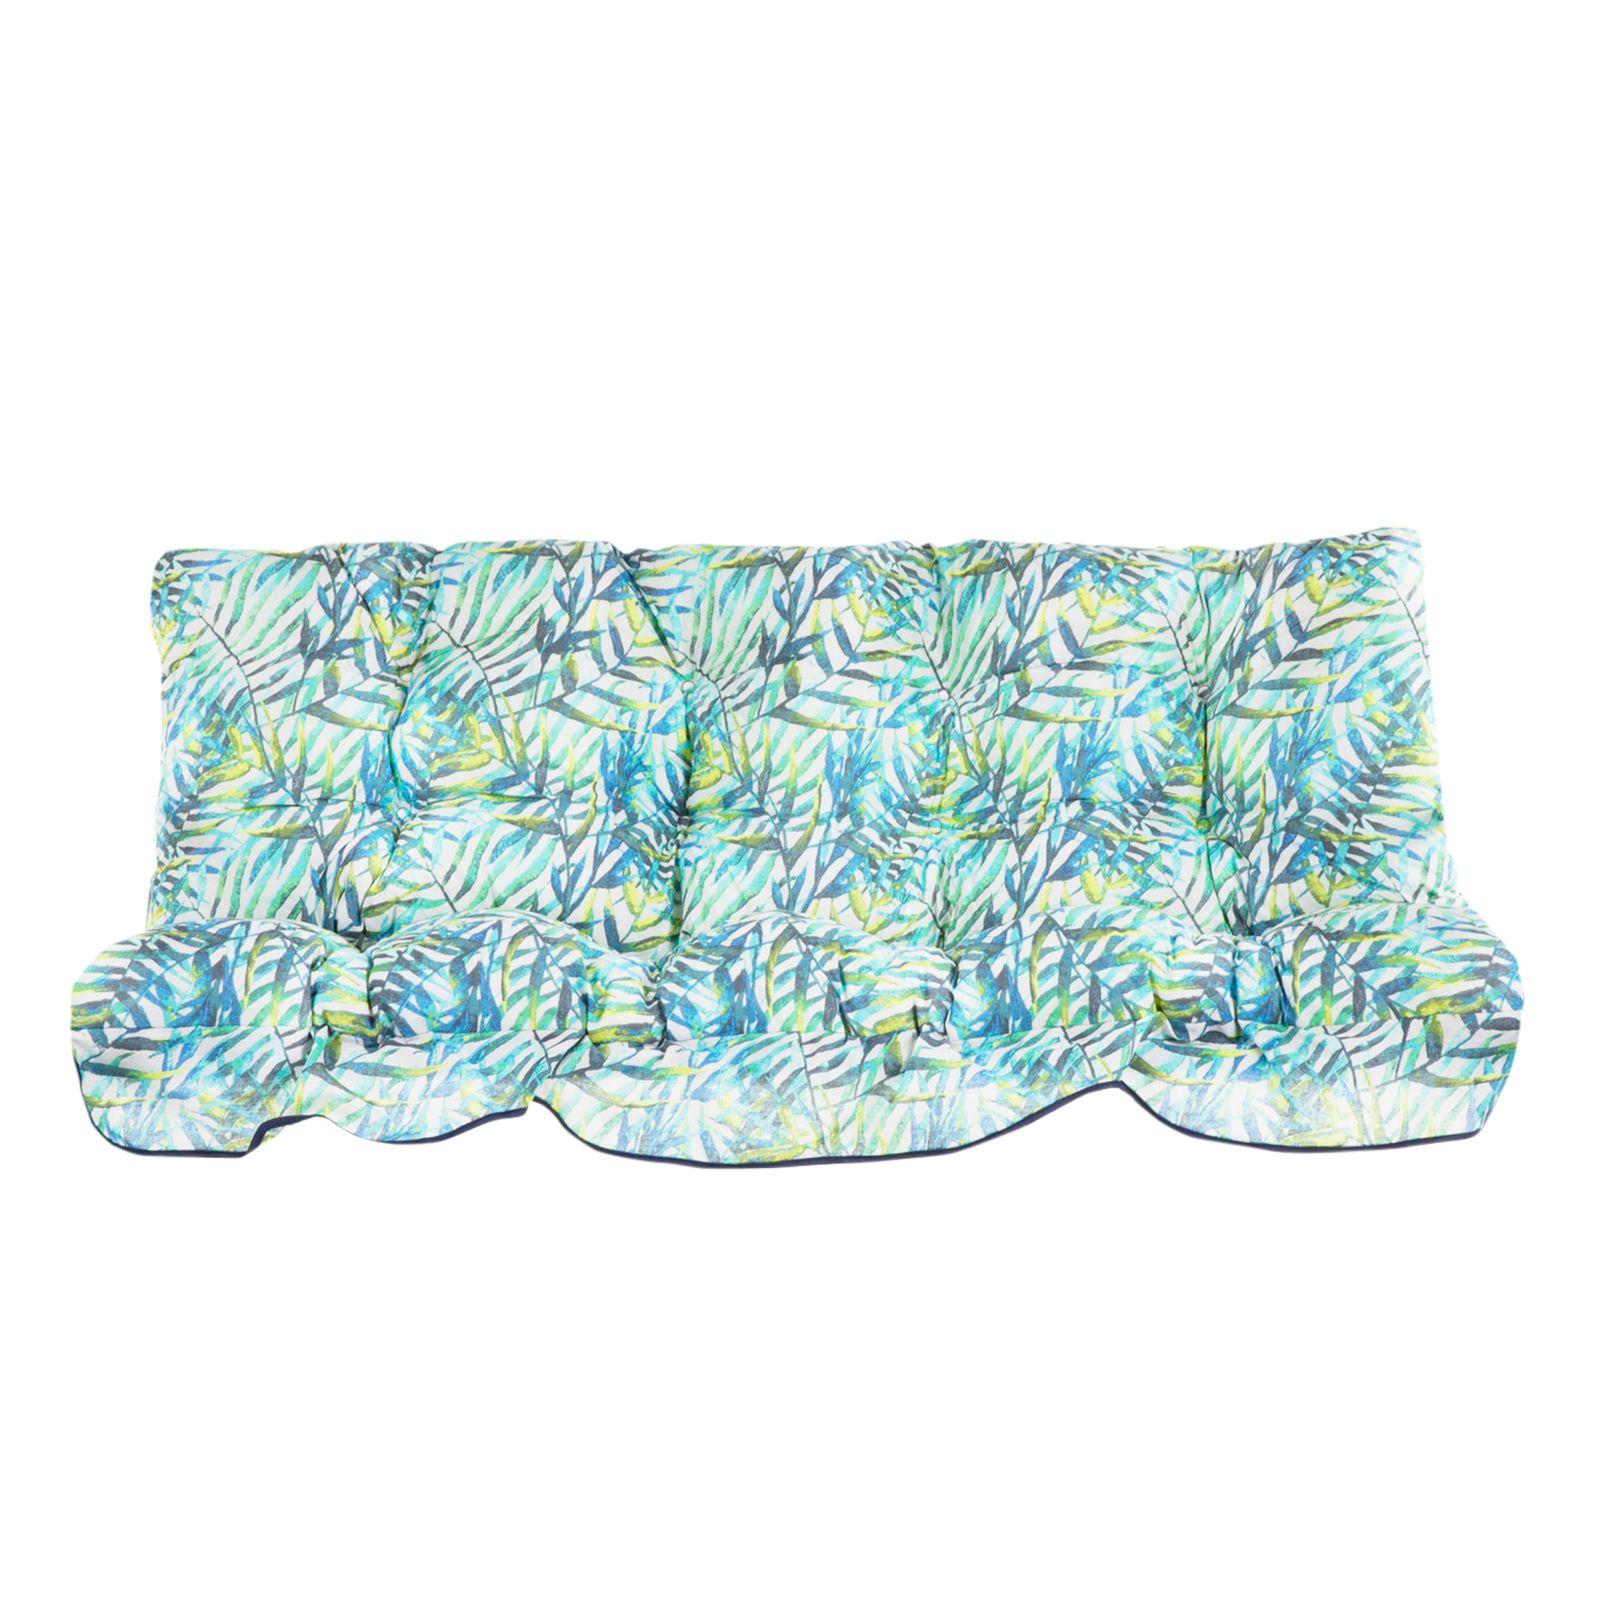 Poduszki z daszkiem na huśtawkę 150 cm Piemont G045-01PB PATIO